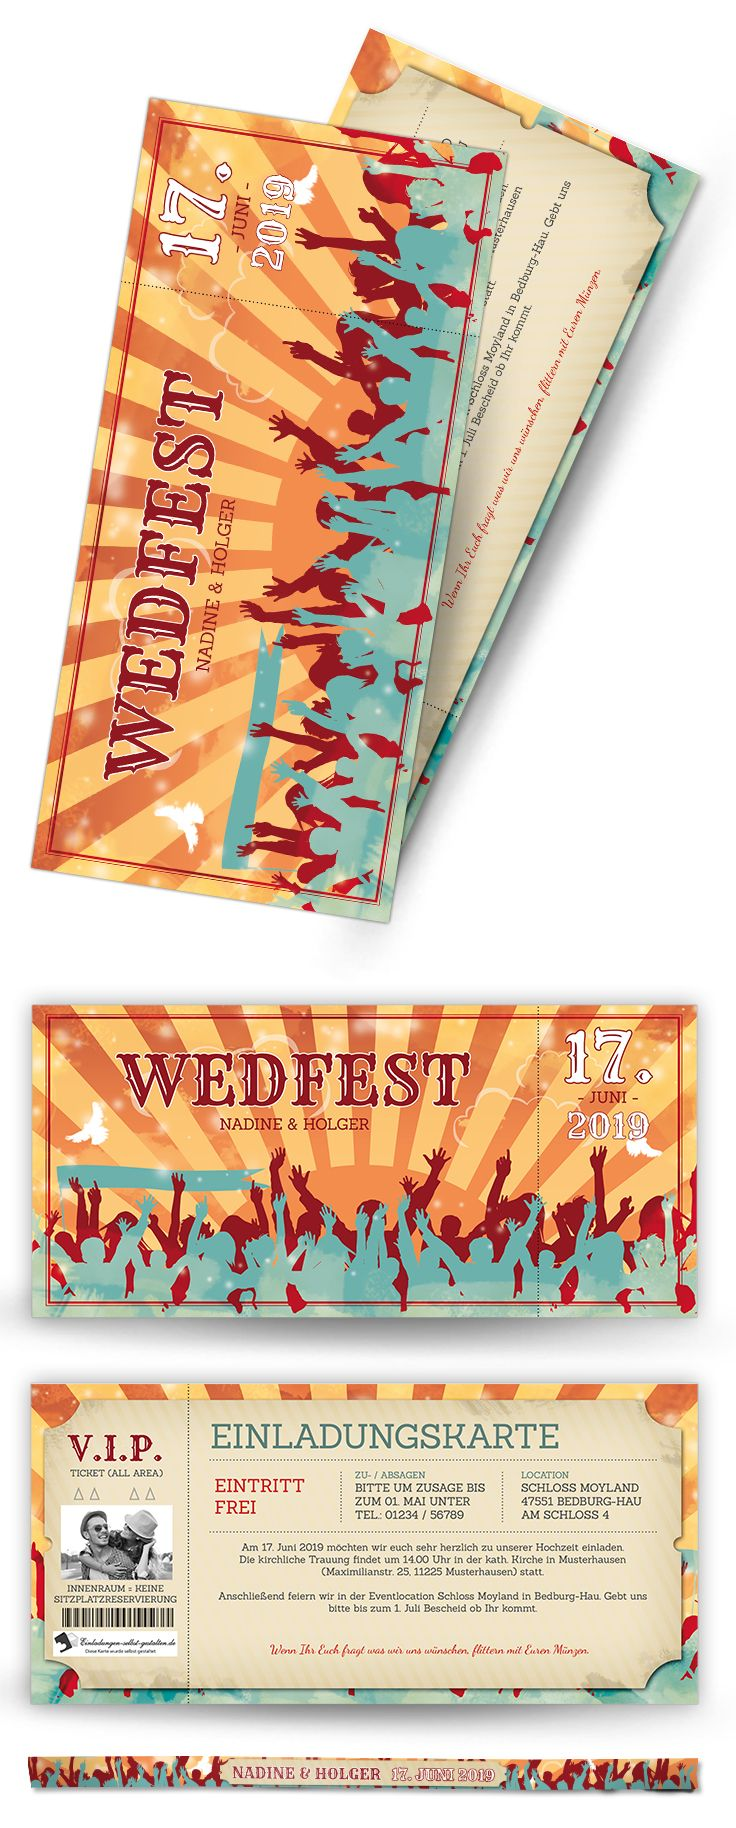 Festivalticket als hochzeitseinladung mit passendem festival armband zum selbst gestalten tickets zum abtrennen 21 x 10cm